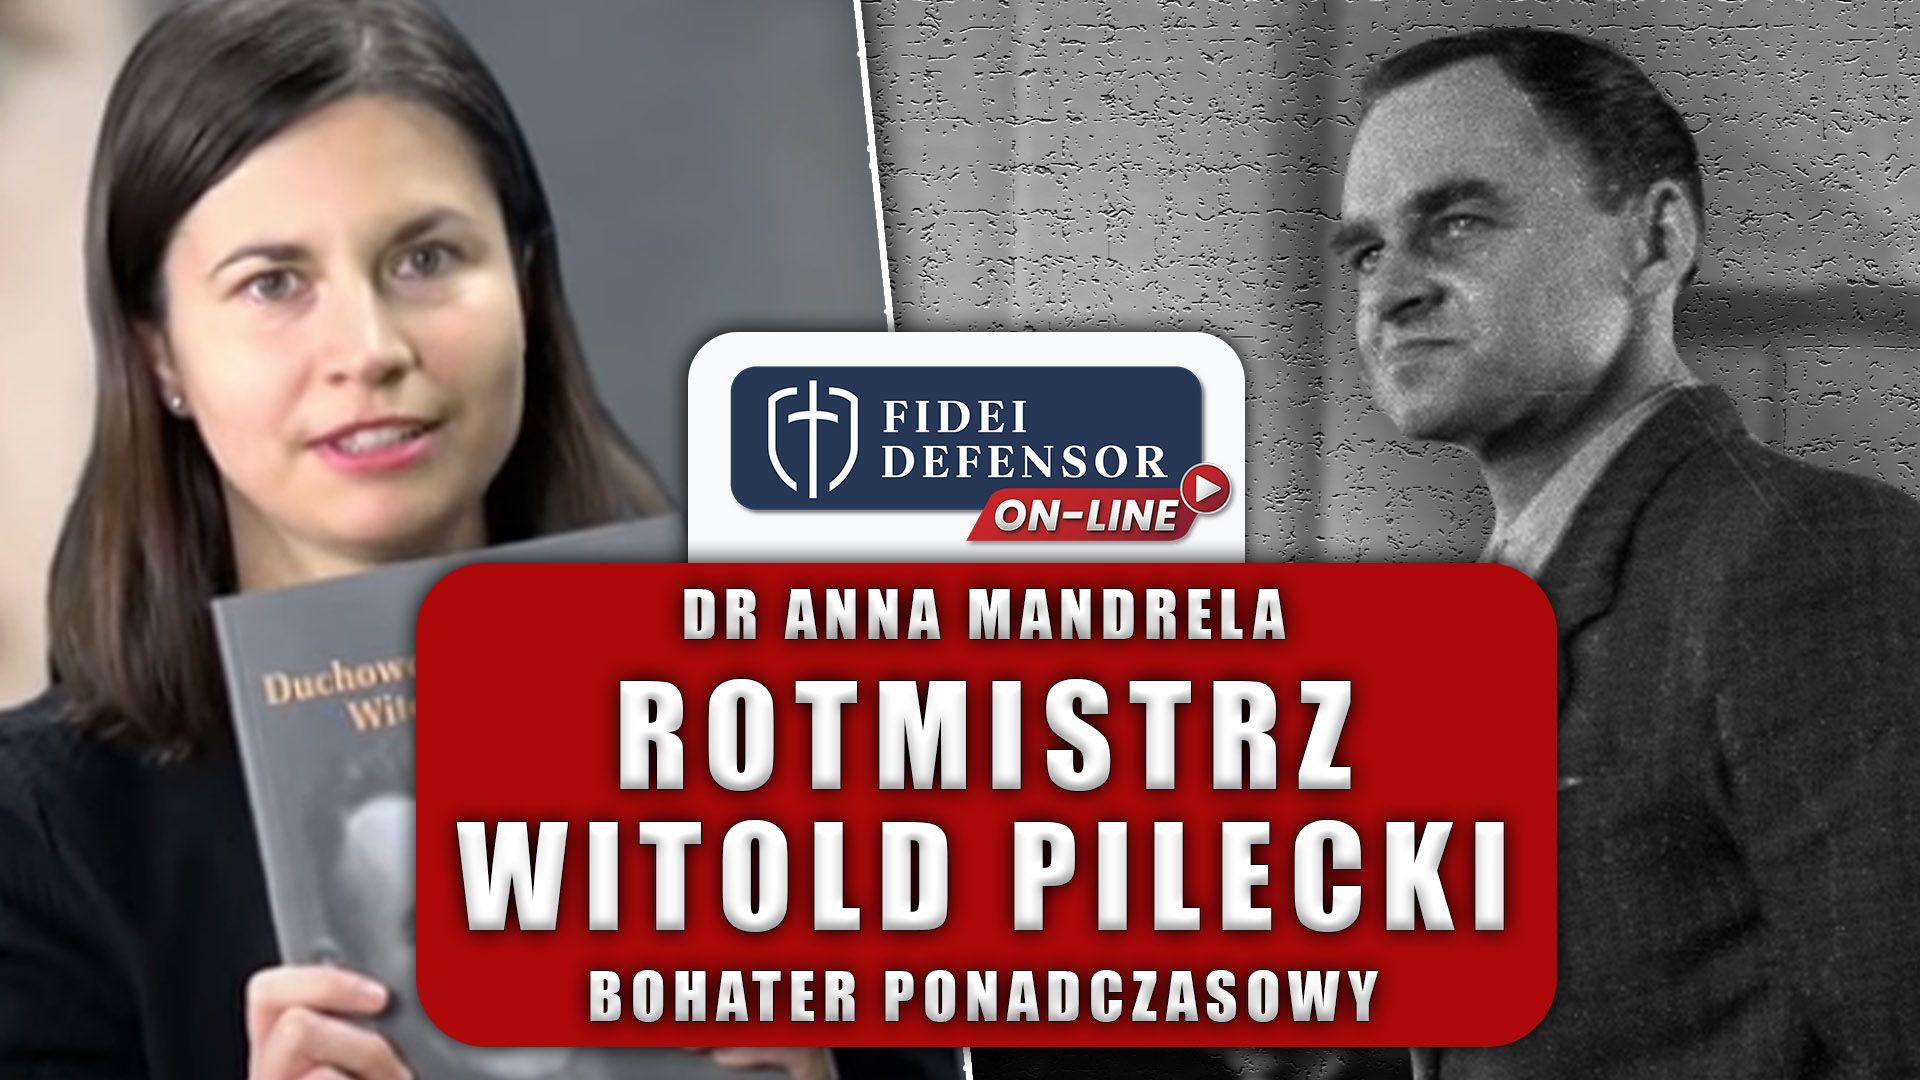 O Witoldzie Pileckim w Fidei Defensor – rozmowa on-line